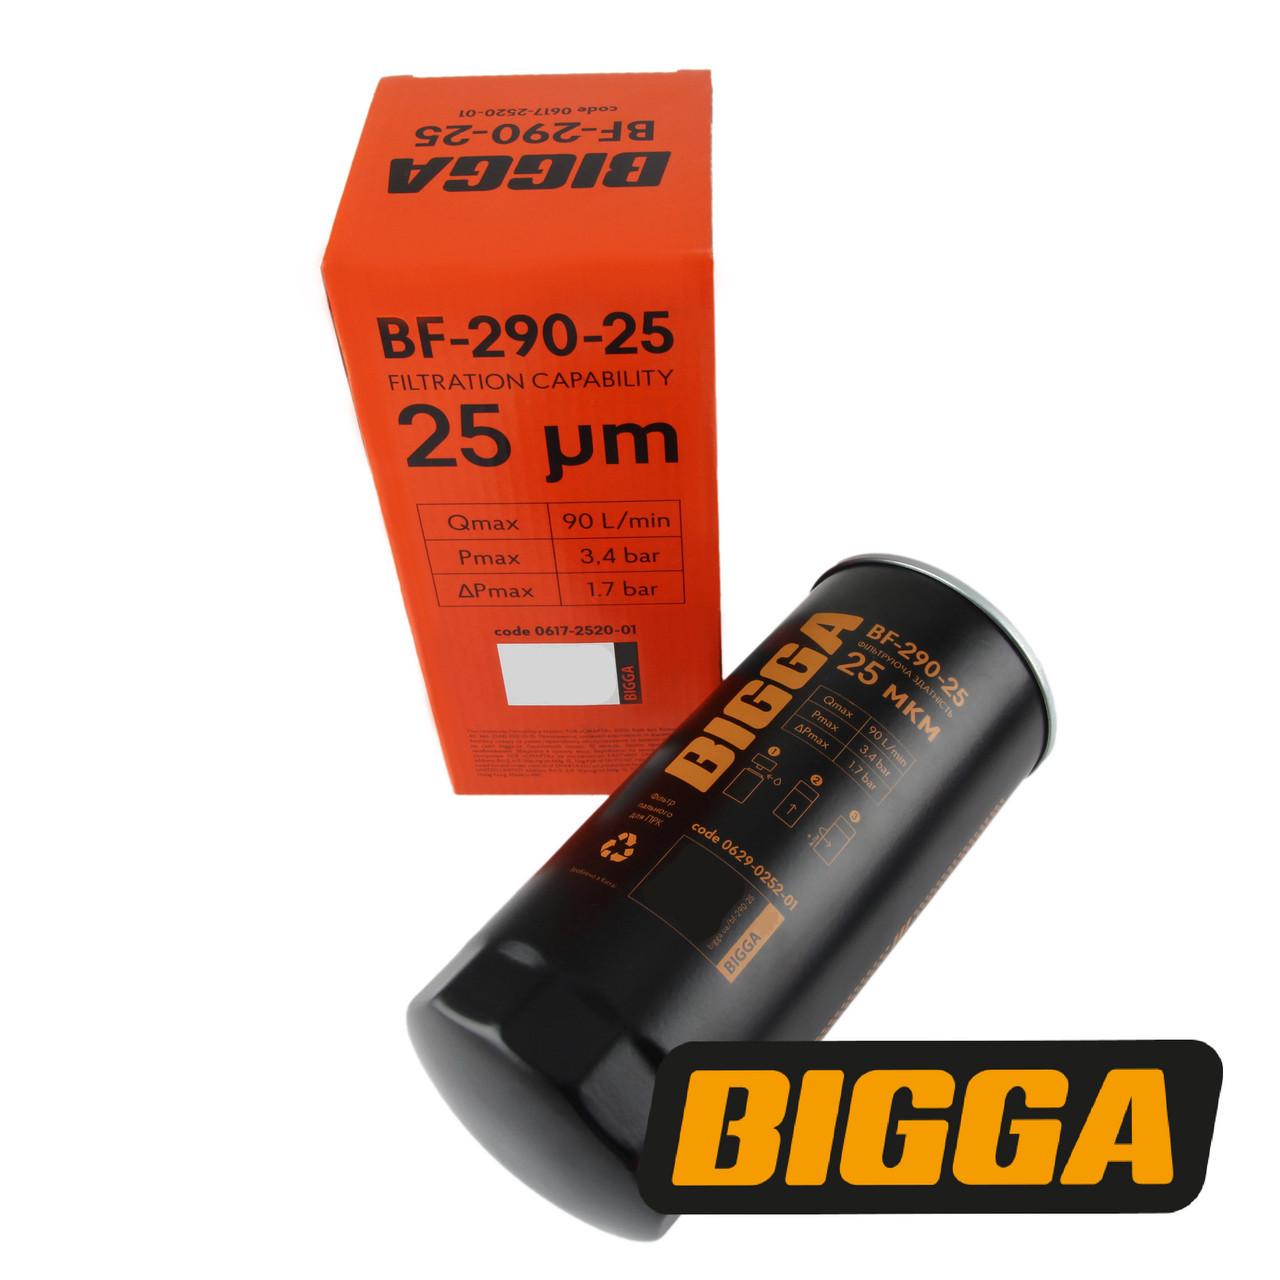 BF-290-25 Фільтр тонкого очищення дизельного палива, до 90 л/хв, 25 мкм, BIGGA